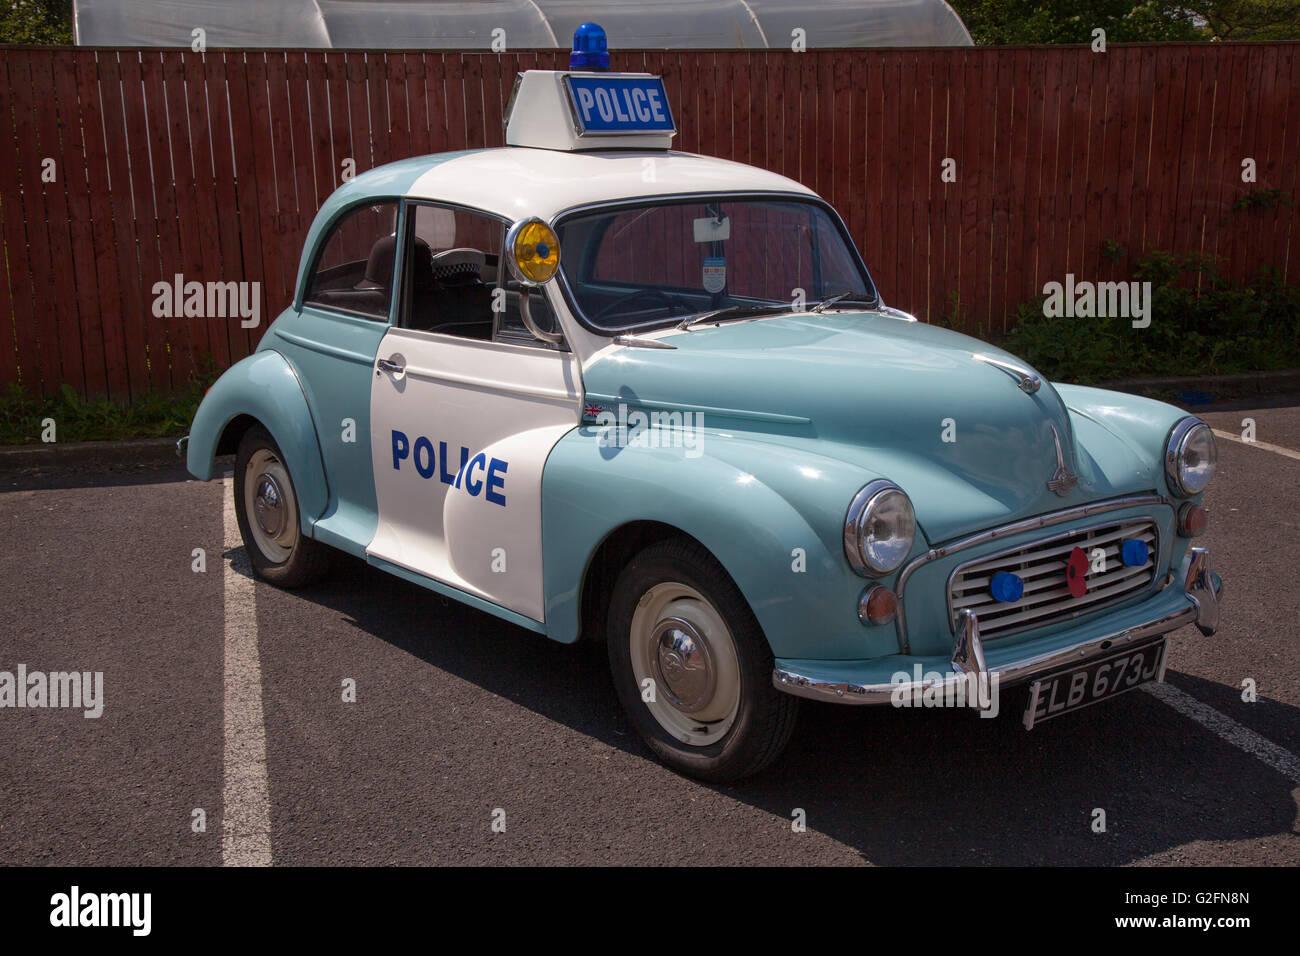 Vintage 1969 60s blau & weiß British Leyland Morris Minor 1000 Police Traffic ZCar Typ. Die 60er Z-Cars oder Z Cars waren eine britische Fernsehdrama-Serie, die sich auf die Arbeit der mobilen uniformierten Polizei in einer fiktiven Stadt konzentrierte. Polizei Panda Car beim Pendle Power Fest, einer klassischen, Veteranen- und Traditionsmesse in Barrowford, Lancashire, Großbritannien Stockfoto